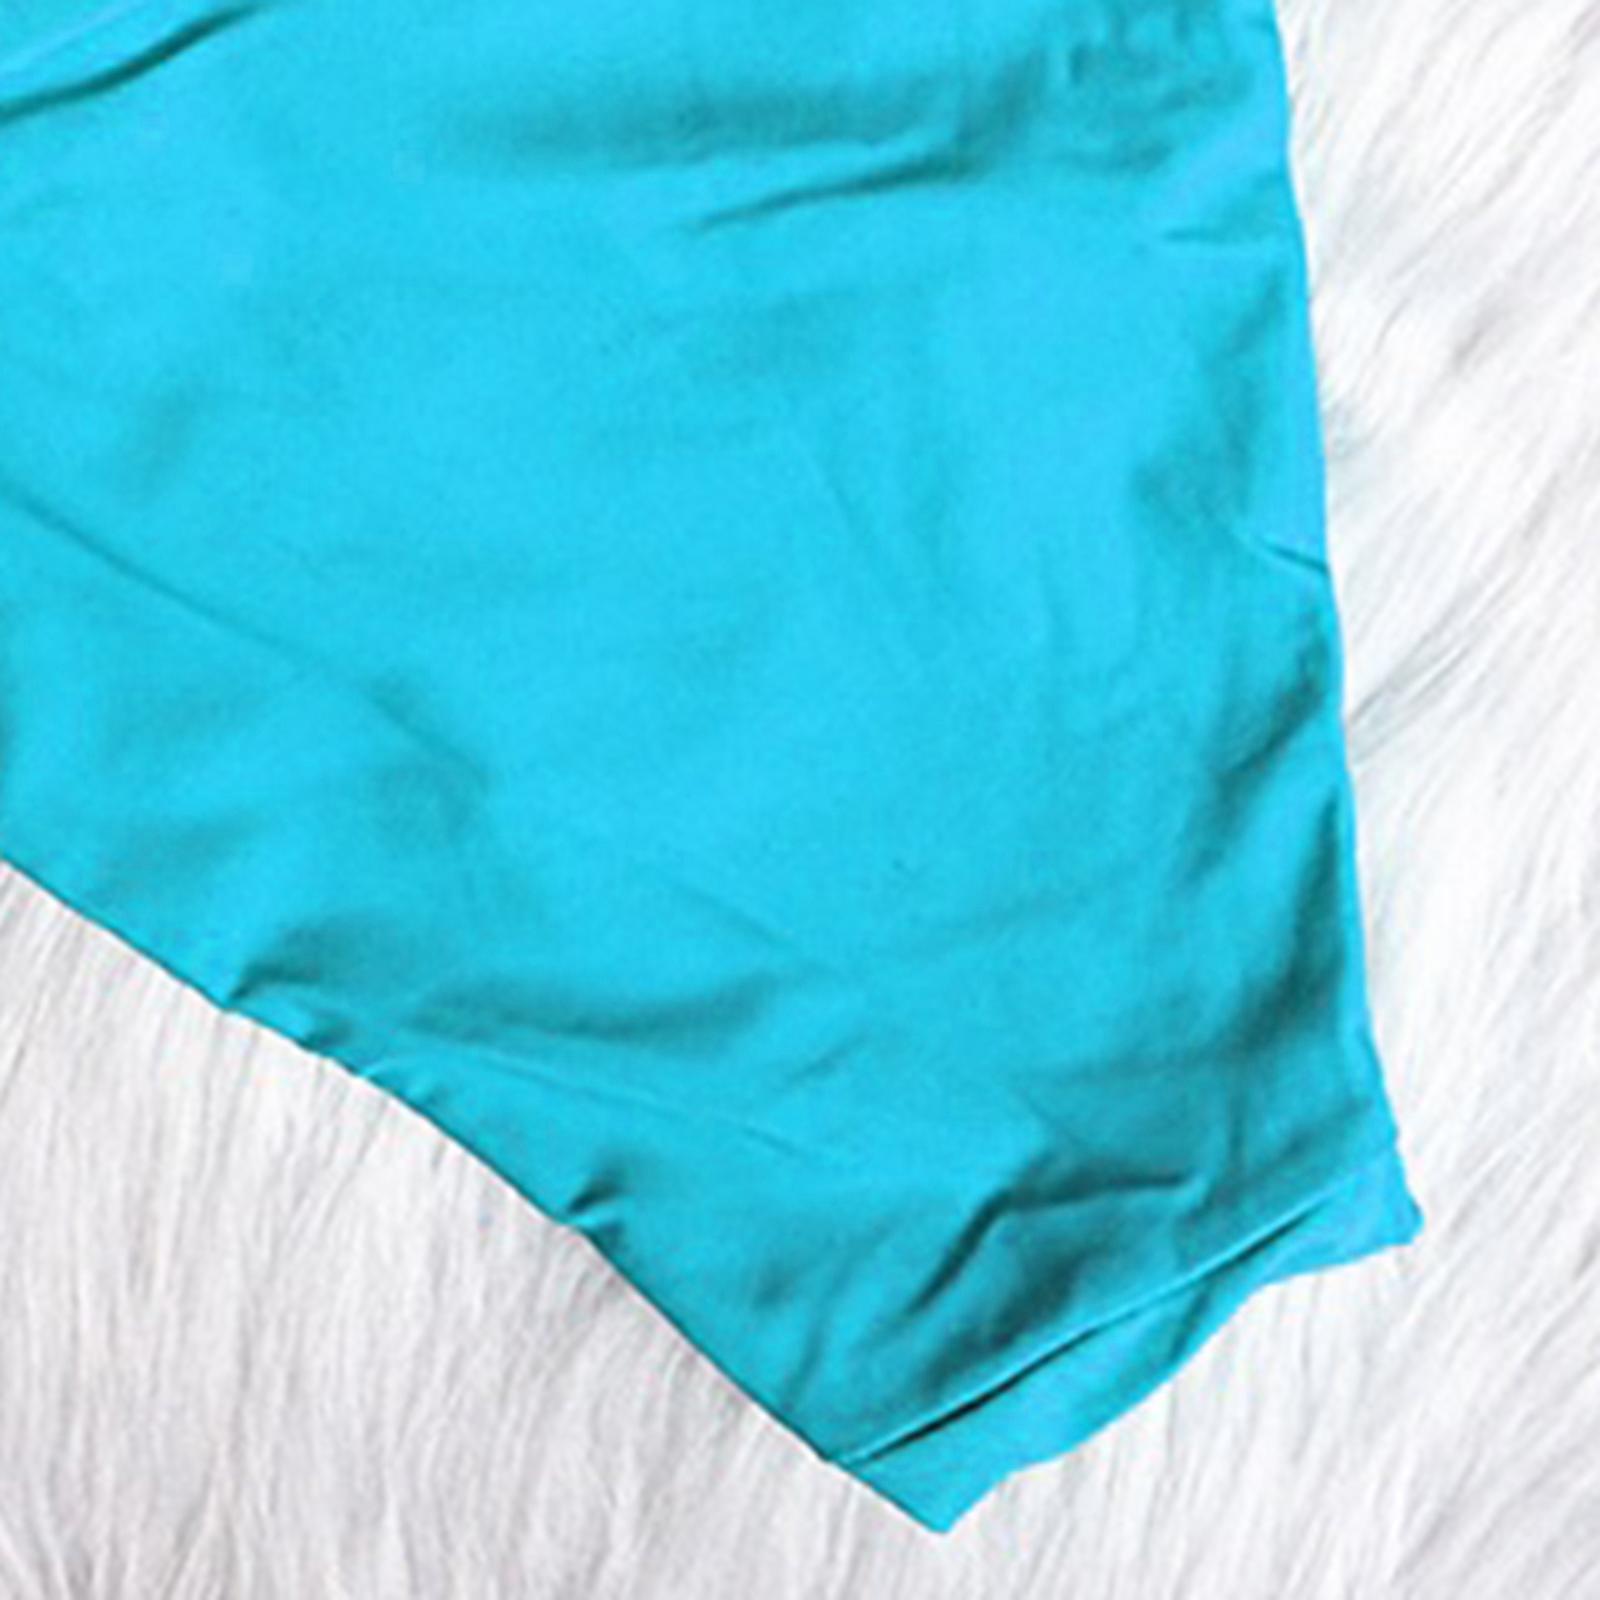 Indexbild 146 - Zwei Stücke Bikini Set Strappy Bademode Party Badeanzug Tankini Bademode